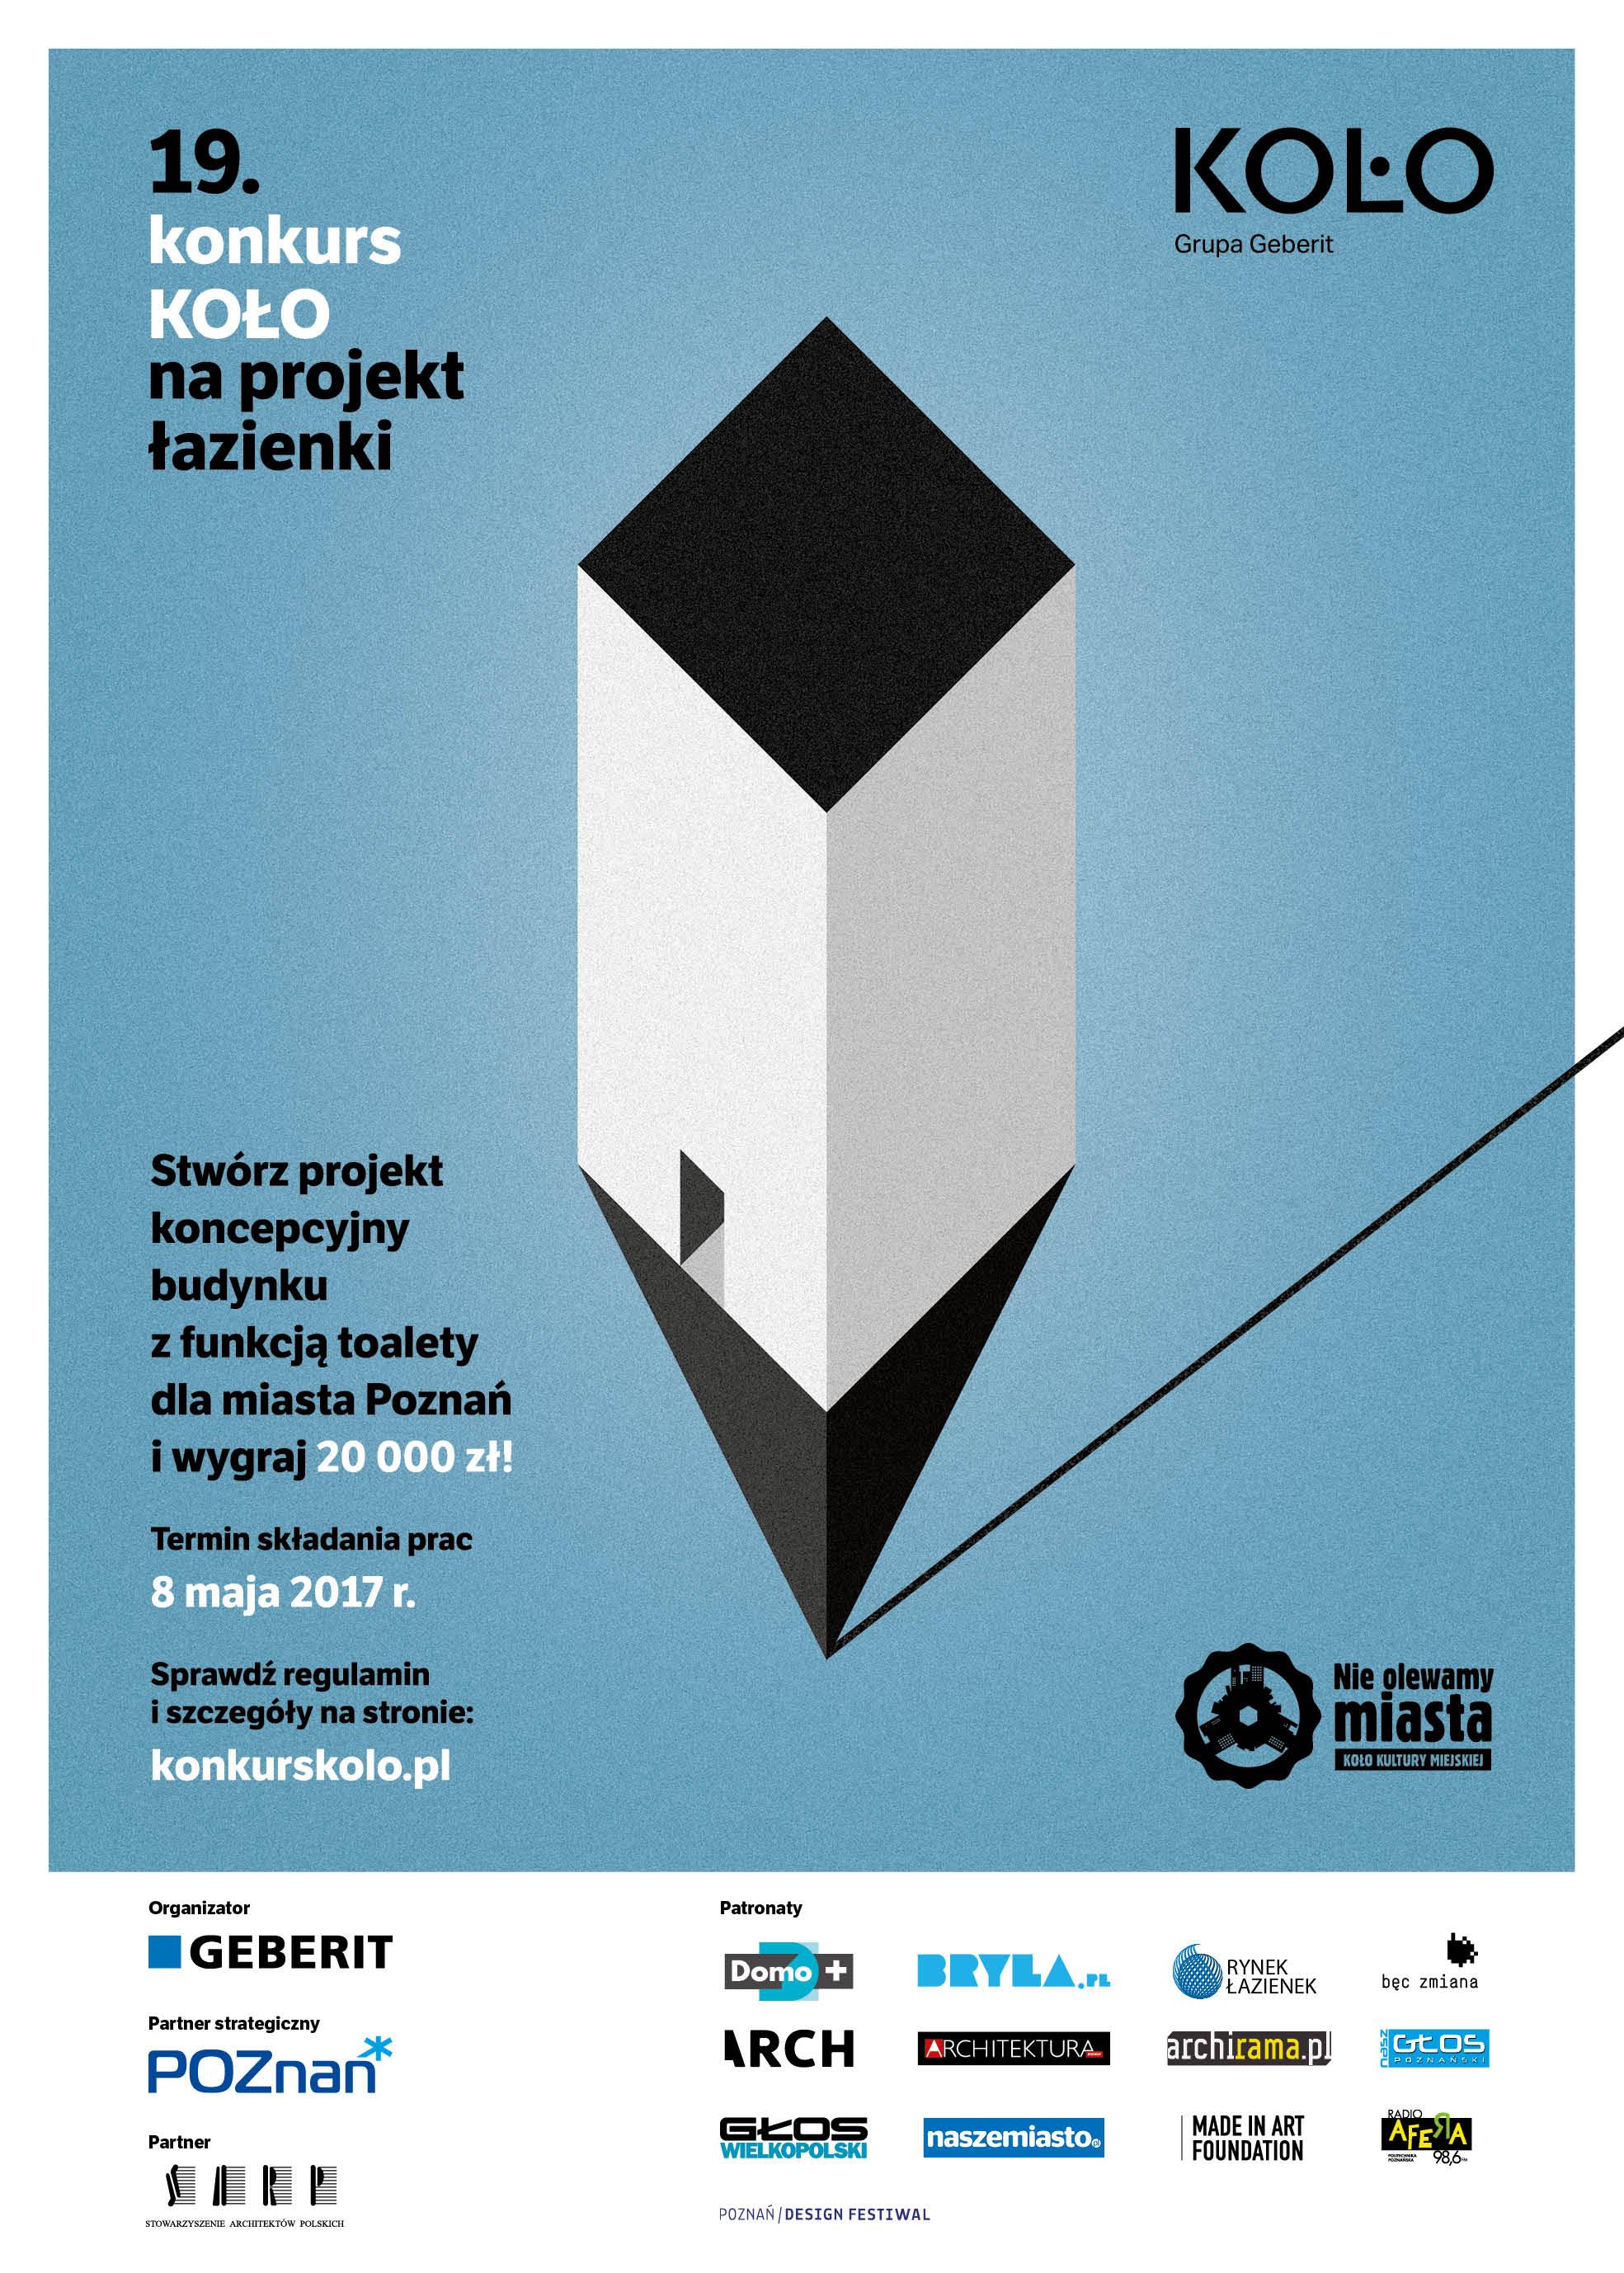 19 Edycja Konkursu Koło Na Projekt łazienki Sarp Warszawa